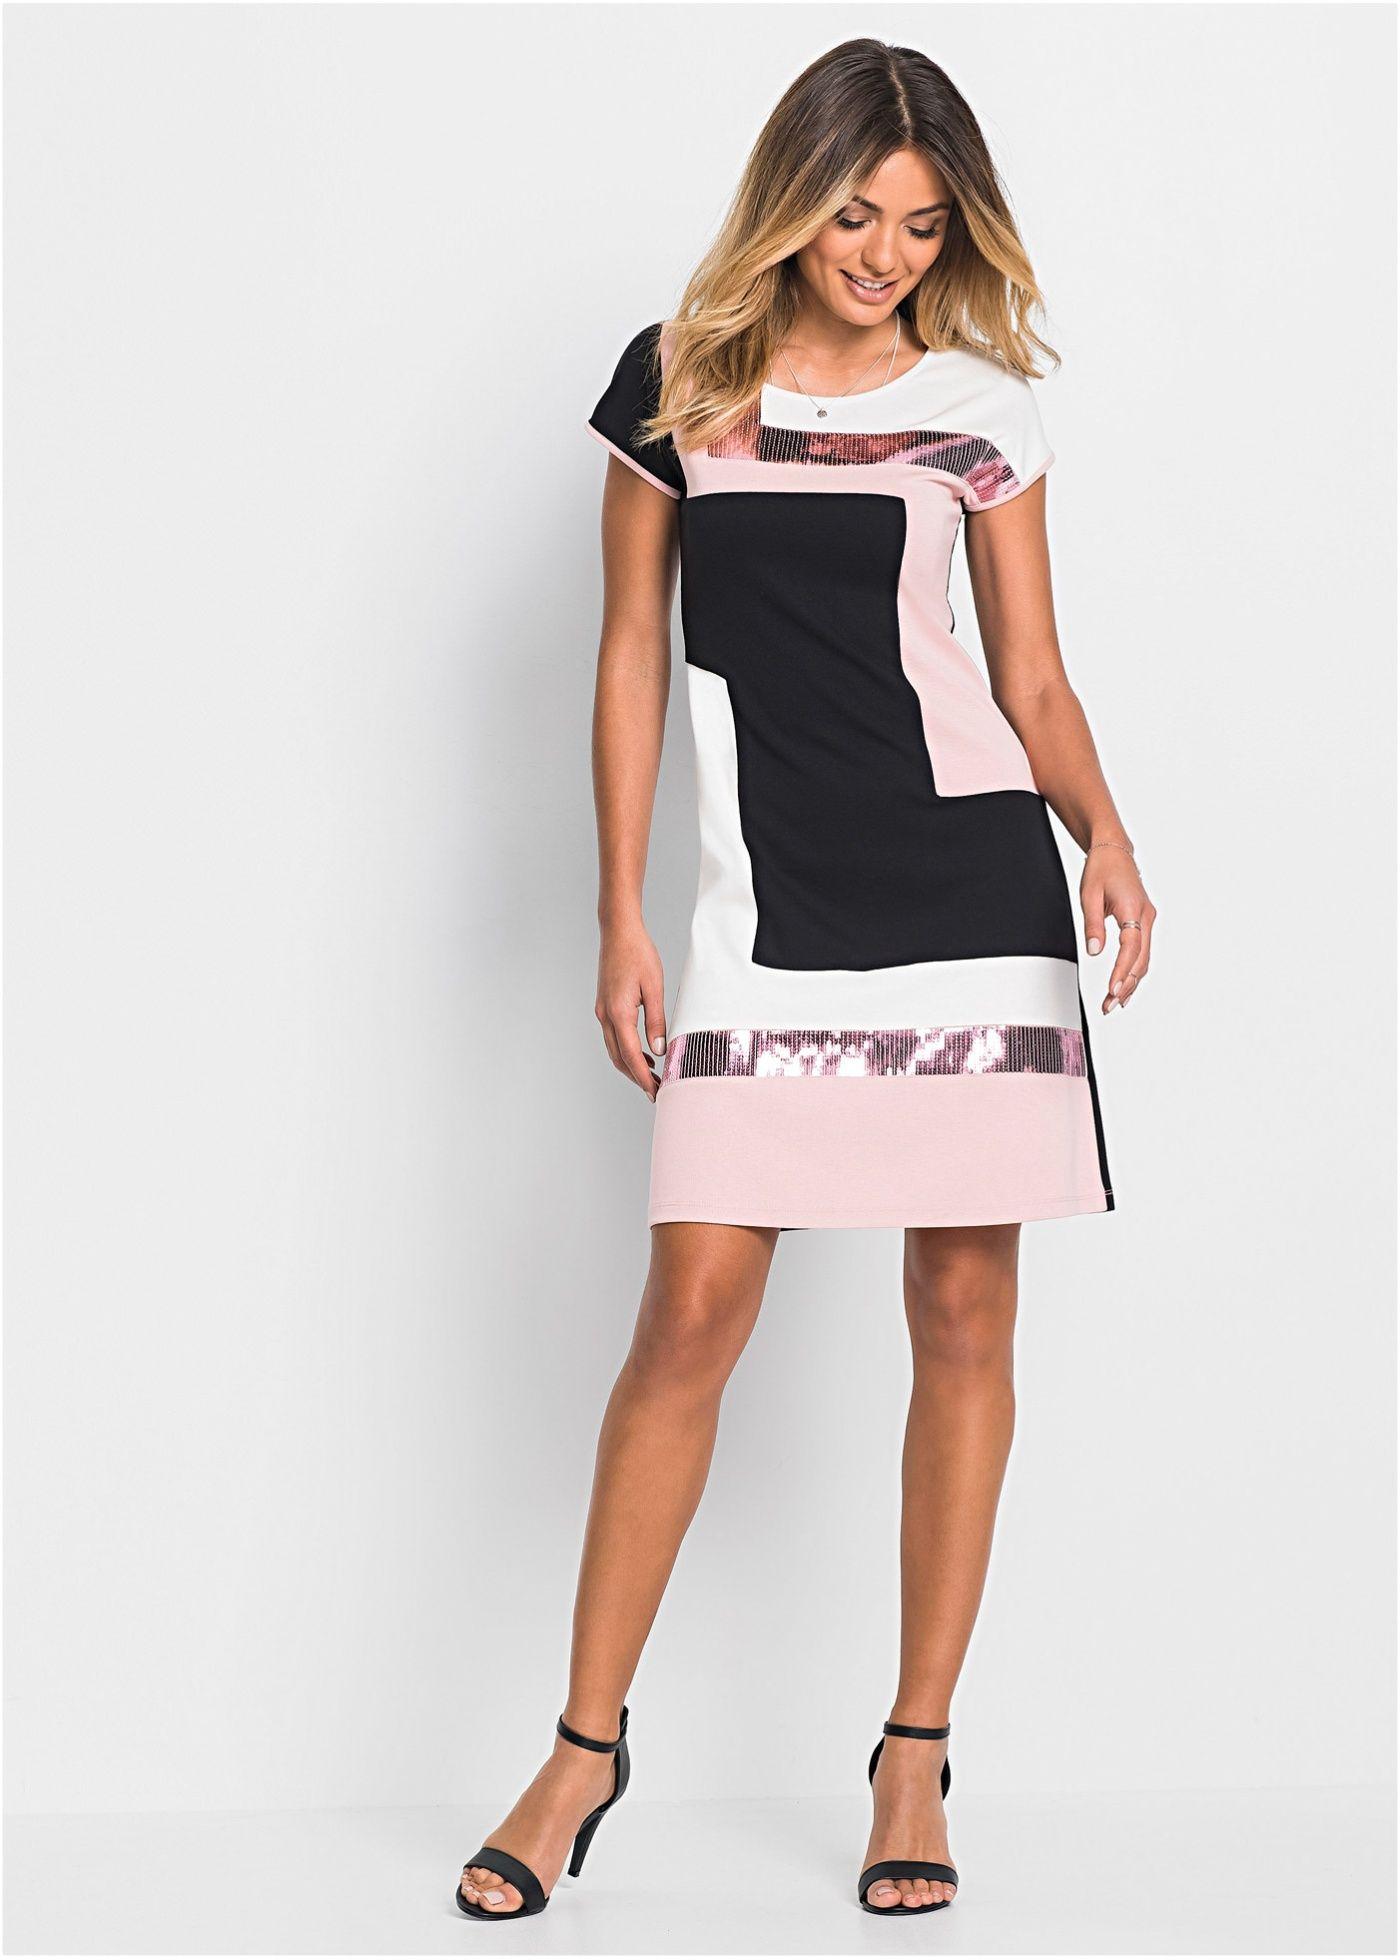 trikot-kjole sort/rosa/krem bestill nå i online shop til